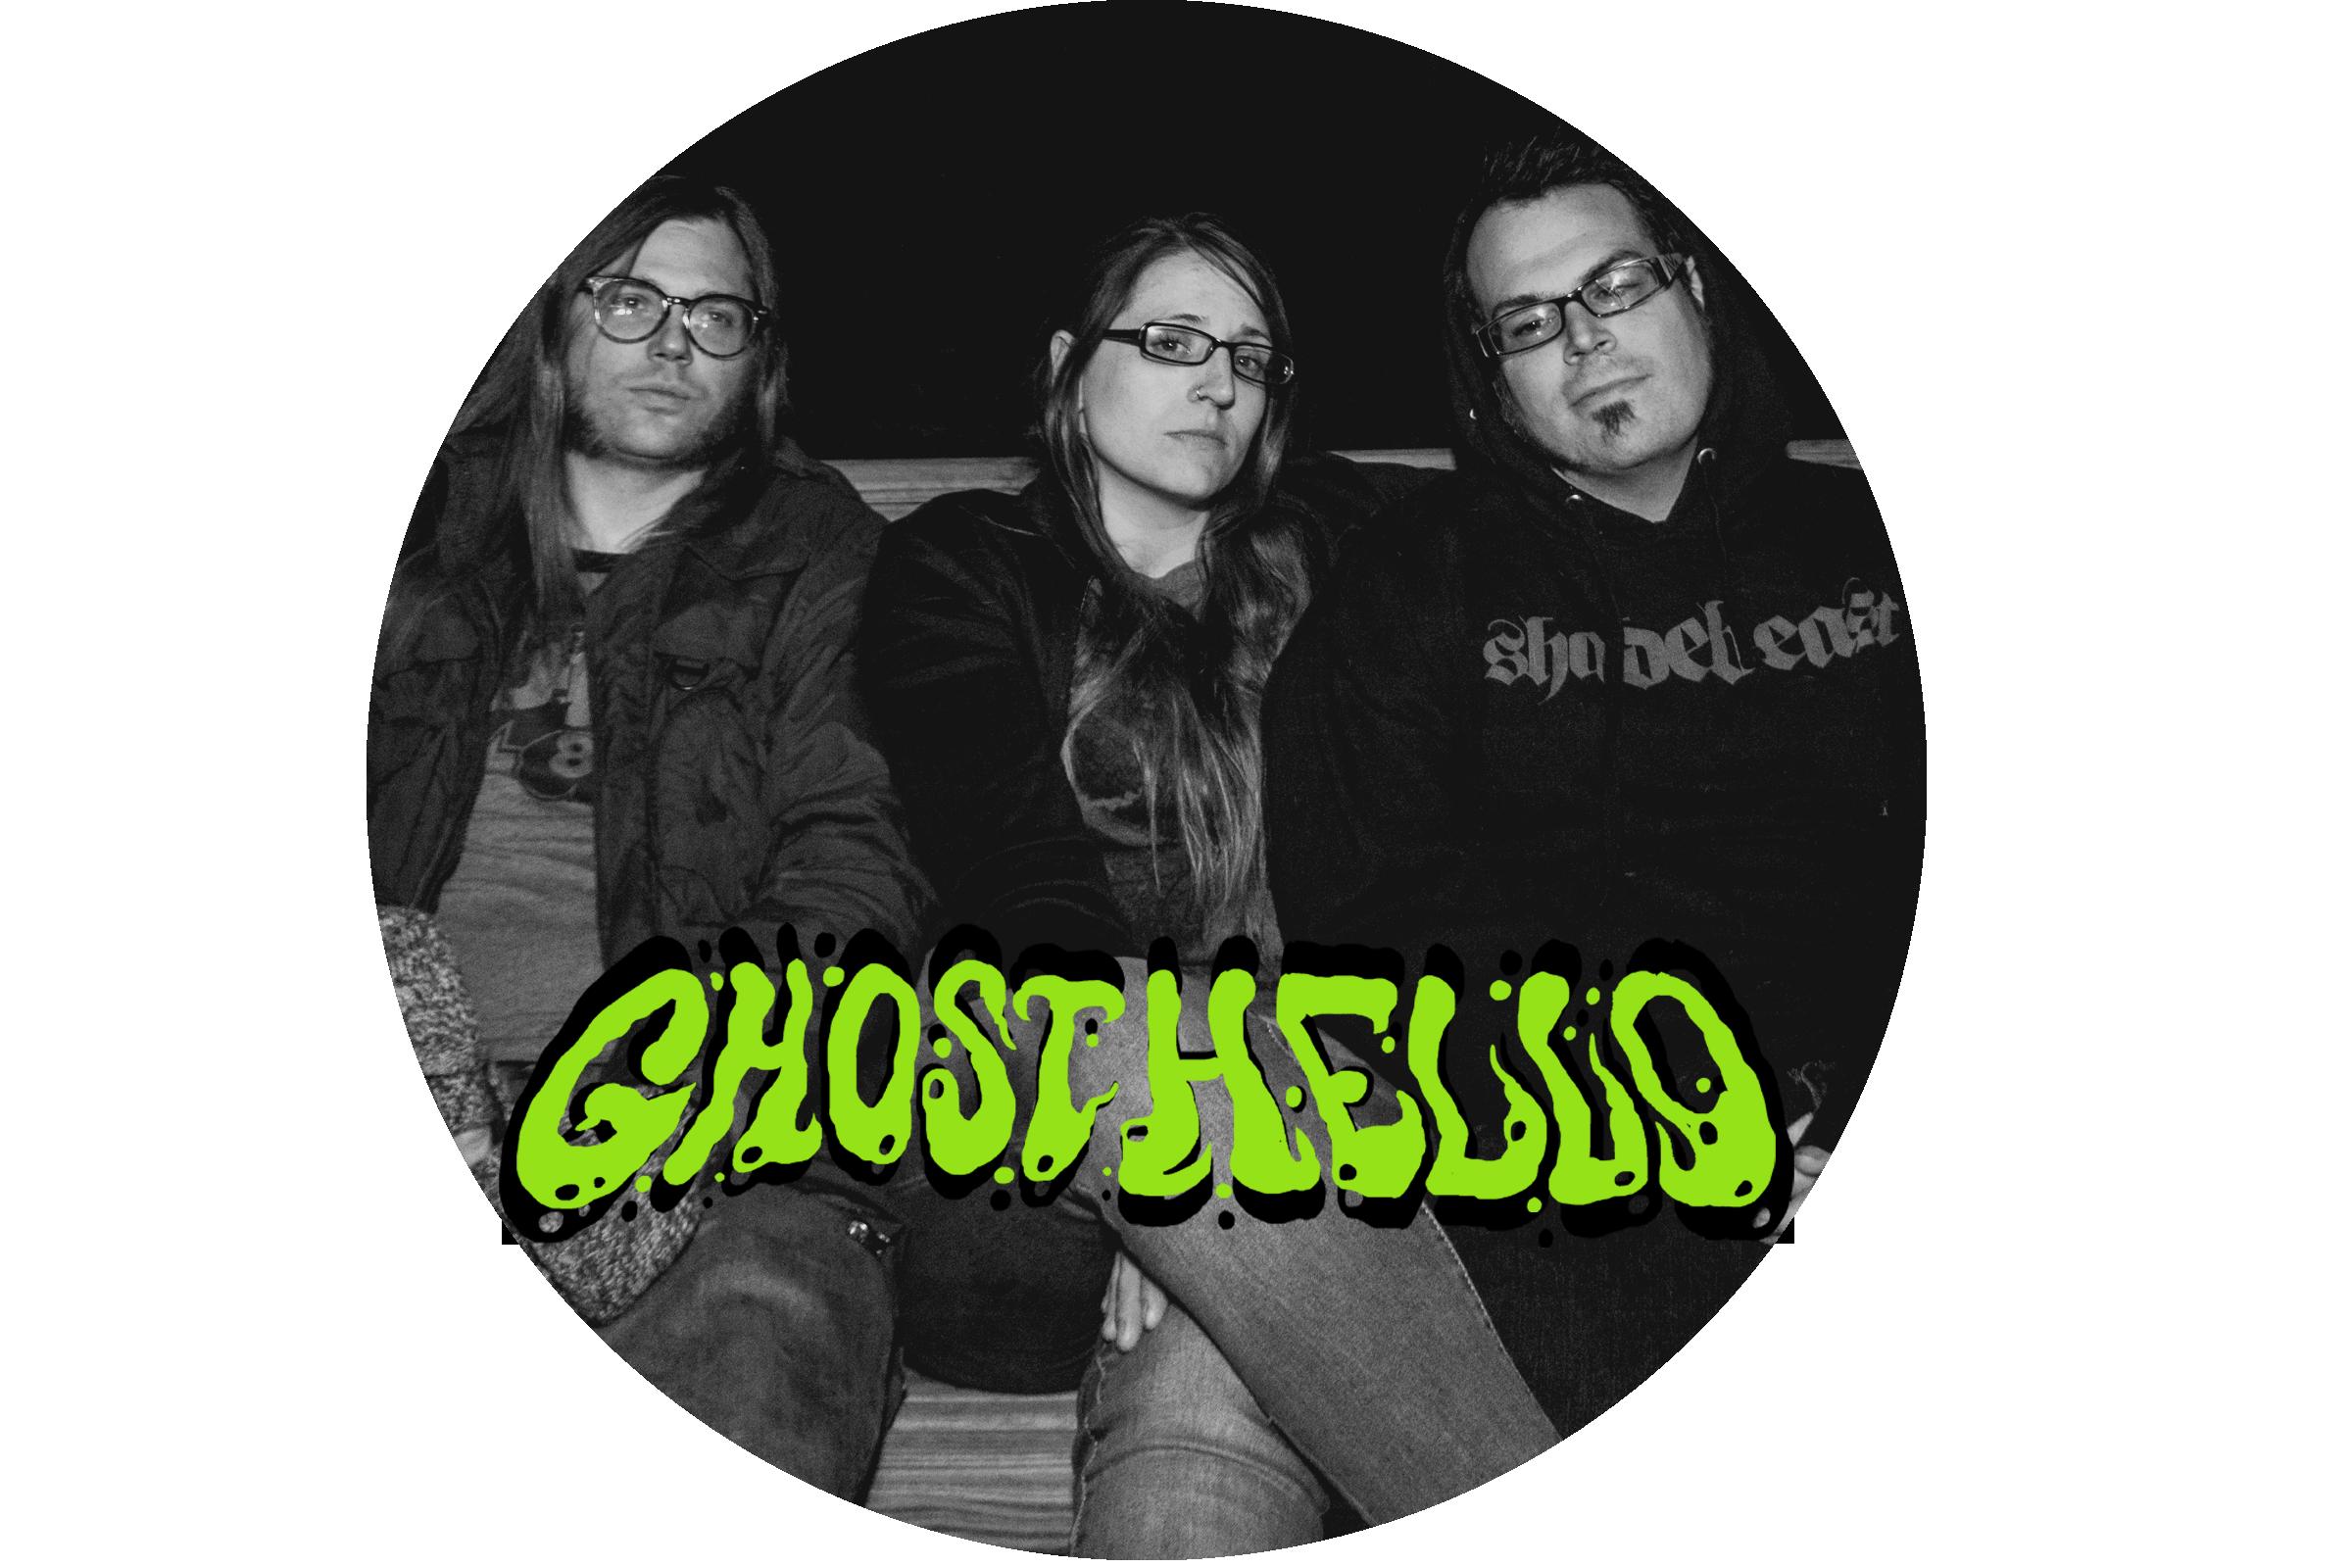 """Slavestate - Sweden - Blog post 05/19/19""""Ohio-trio Ghost: Hello describes itself as a"""